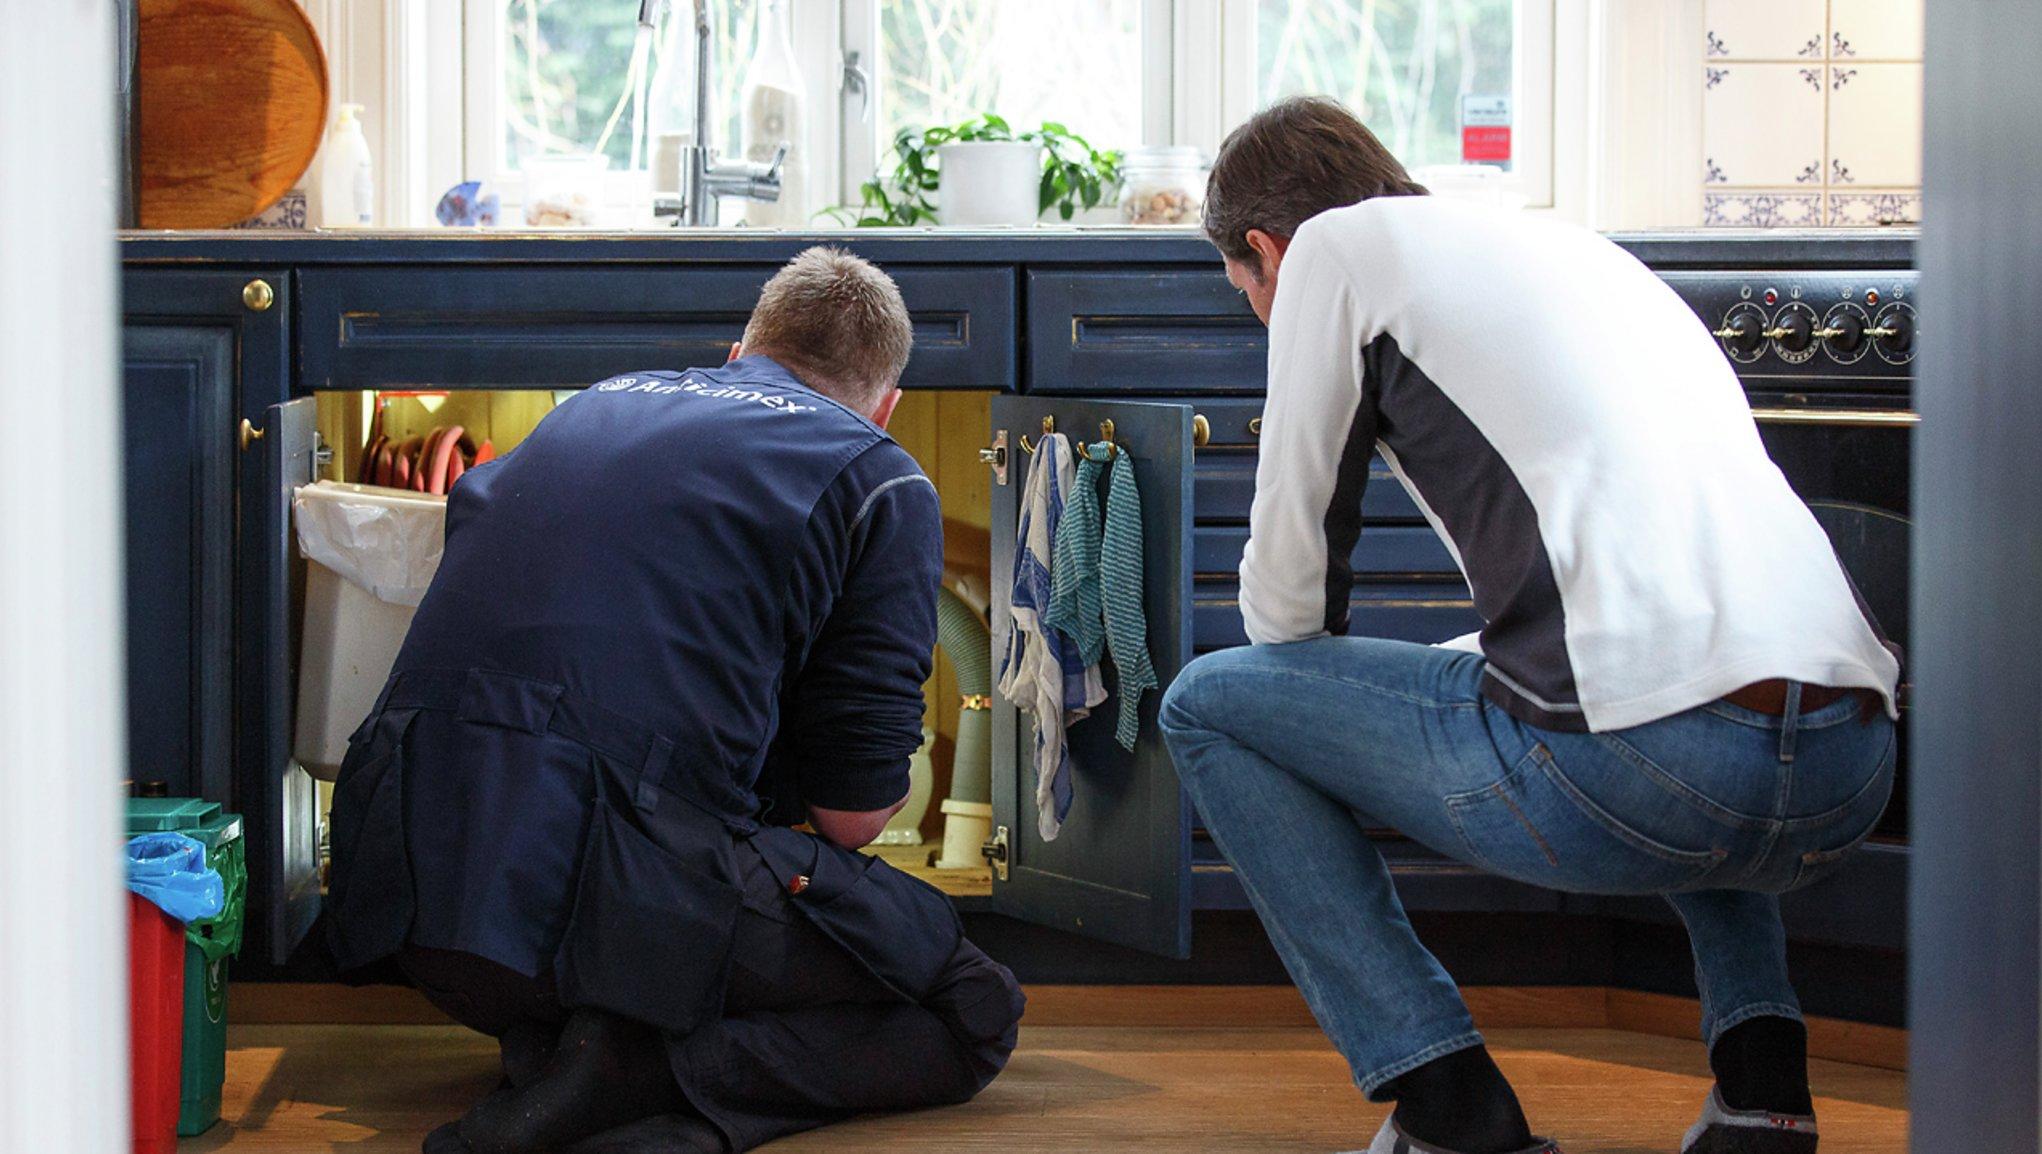 Kaksi miestä tarkastelevat keittiön allaskaappia